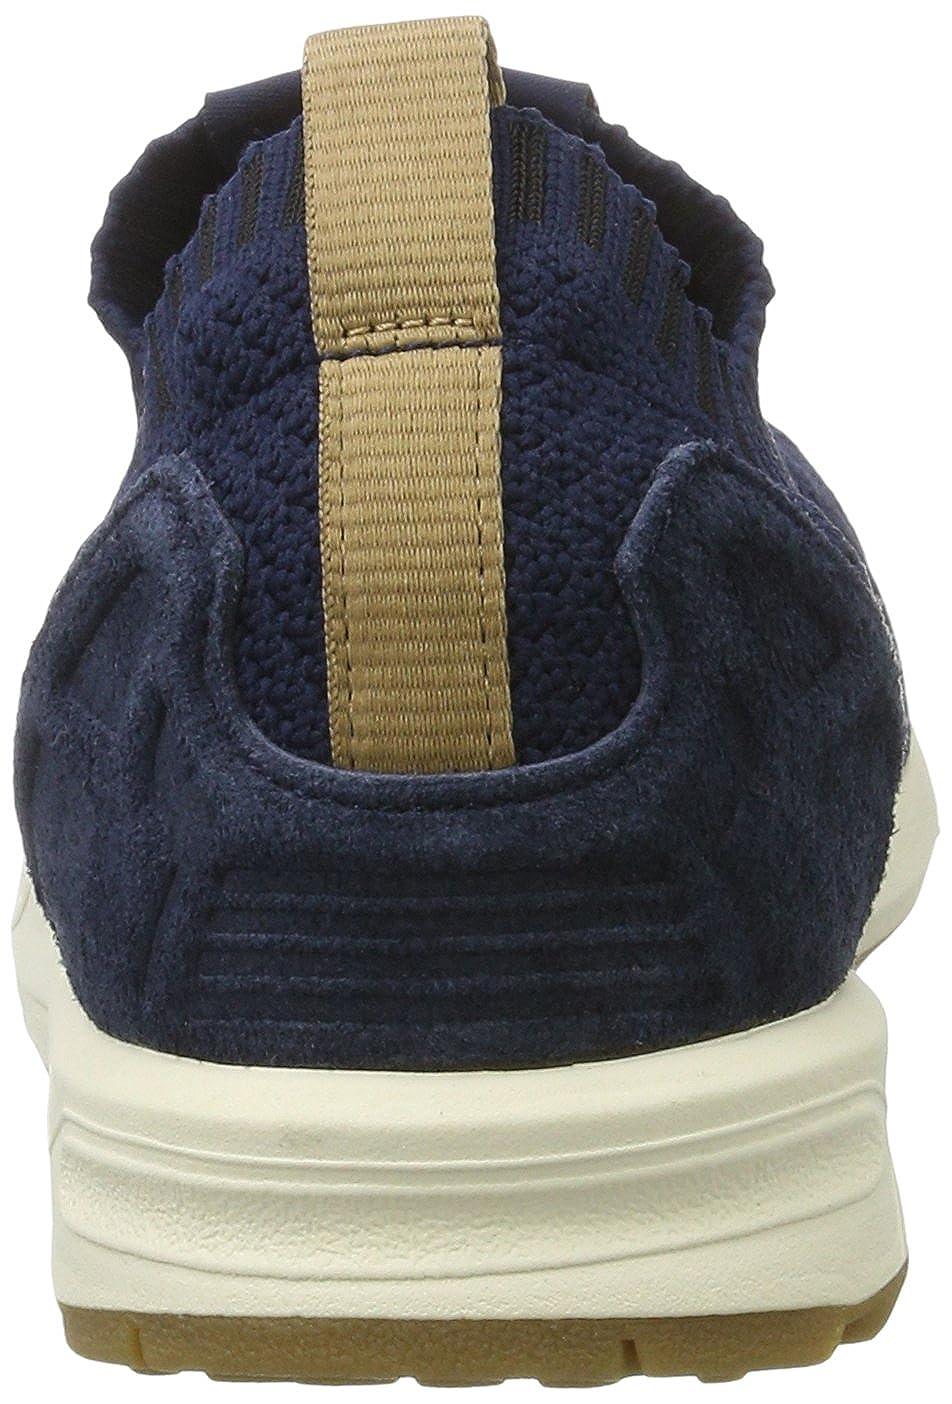 reputable site 2e833 f1526 ... adidas Originals Men s Zx Flux Pk Conavy and Gum4 Sneakers - 6 UK India  ...